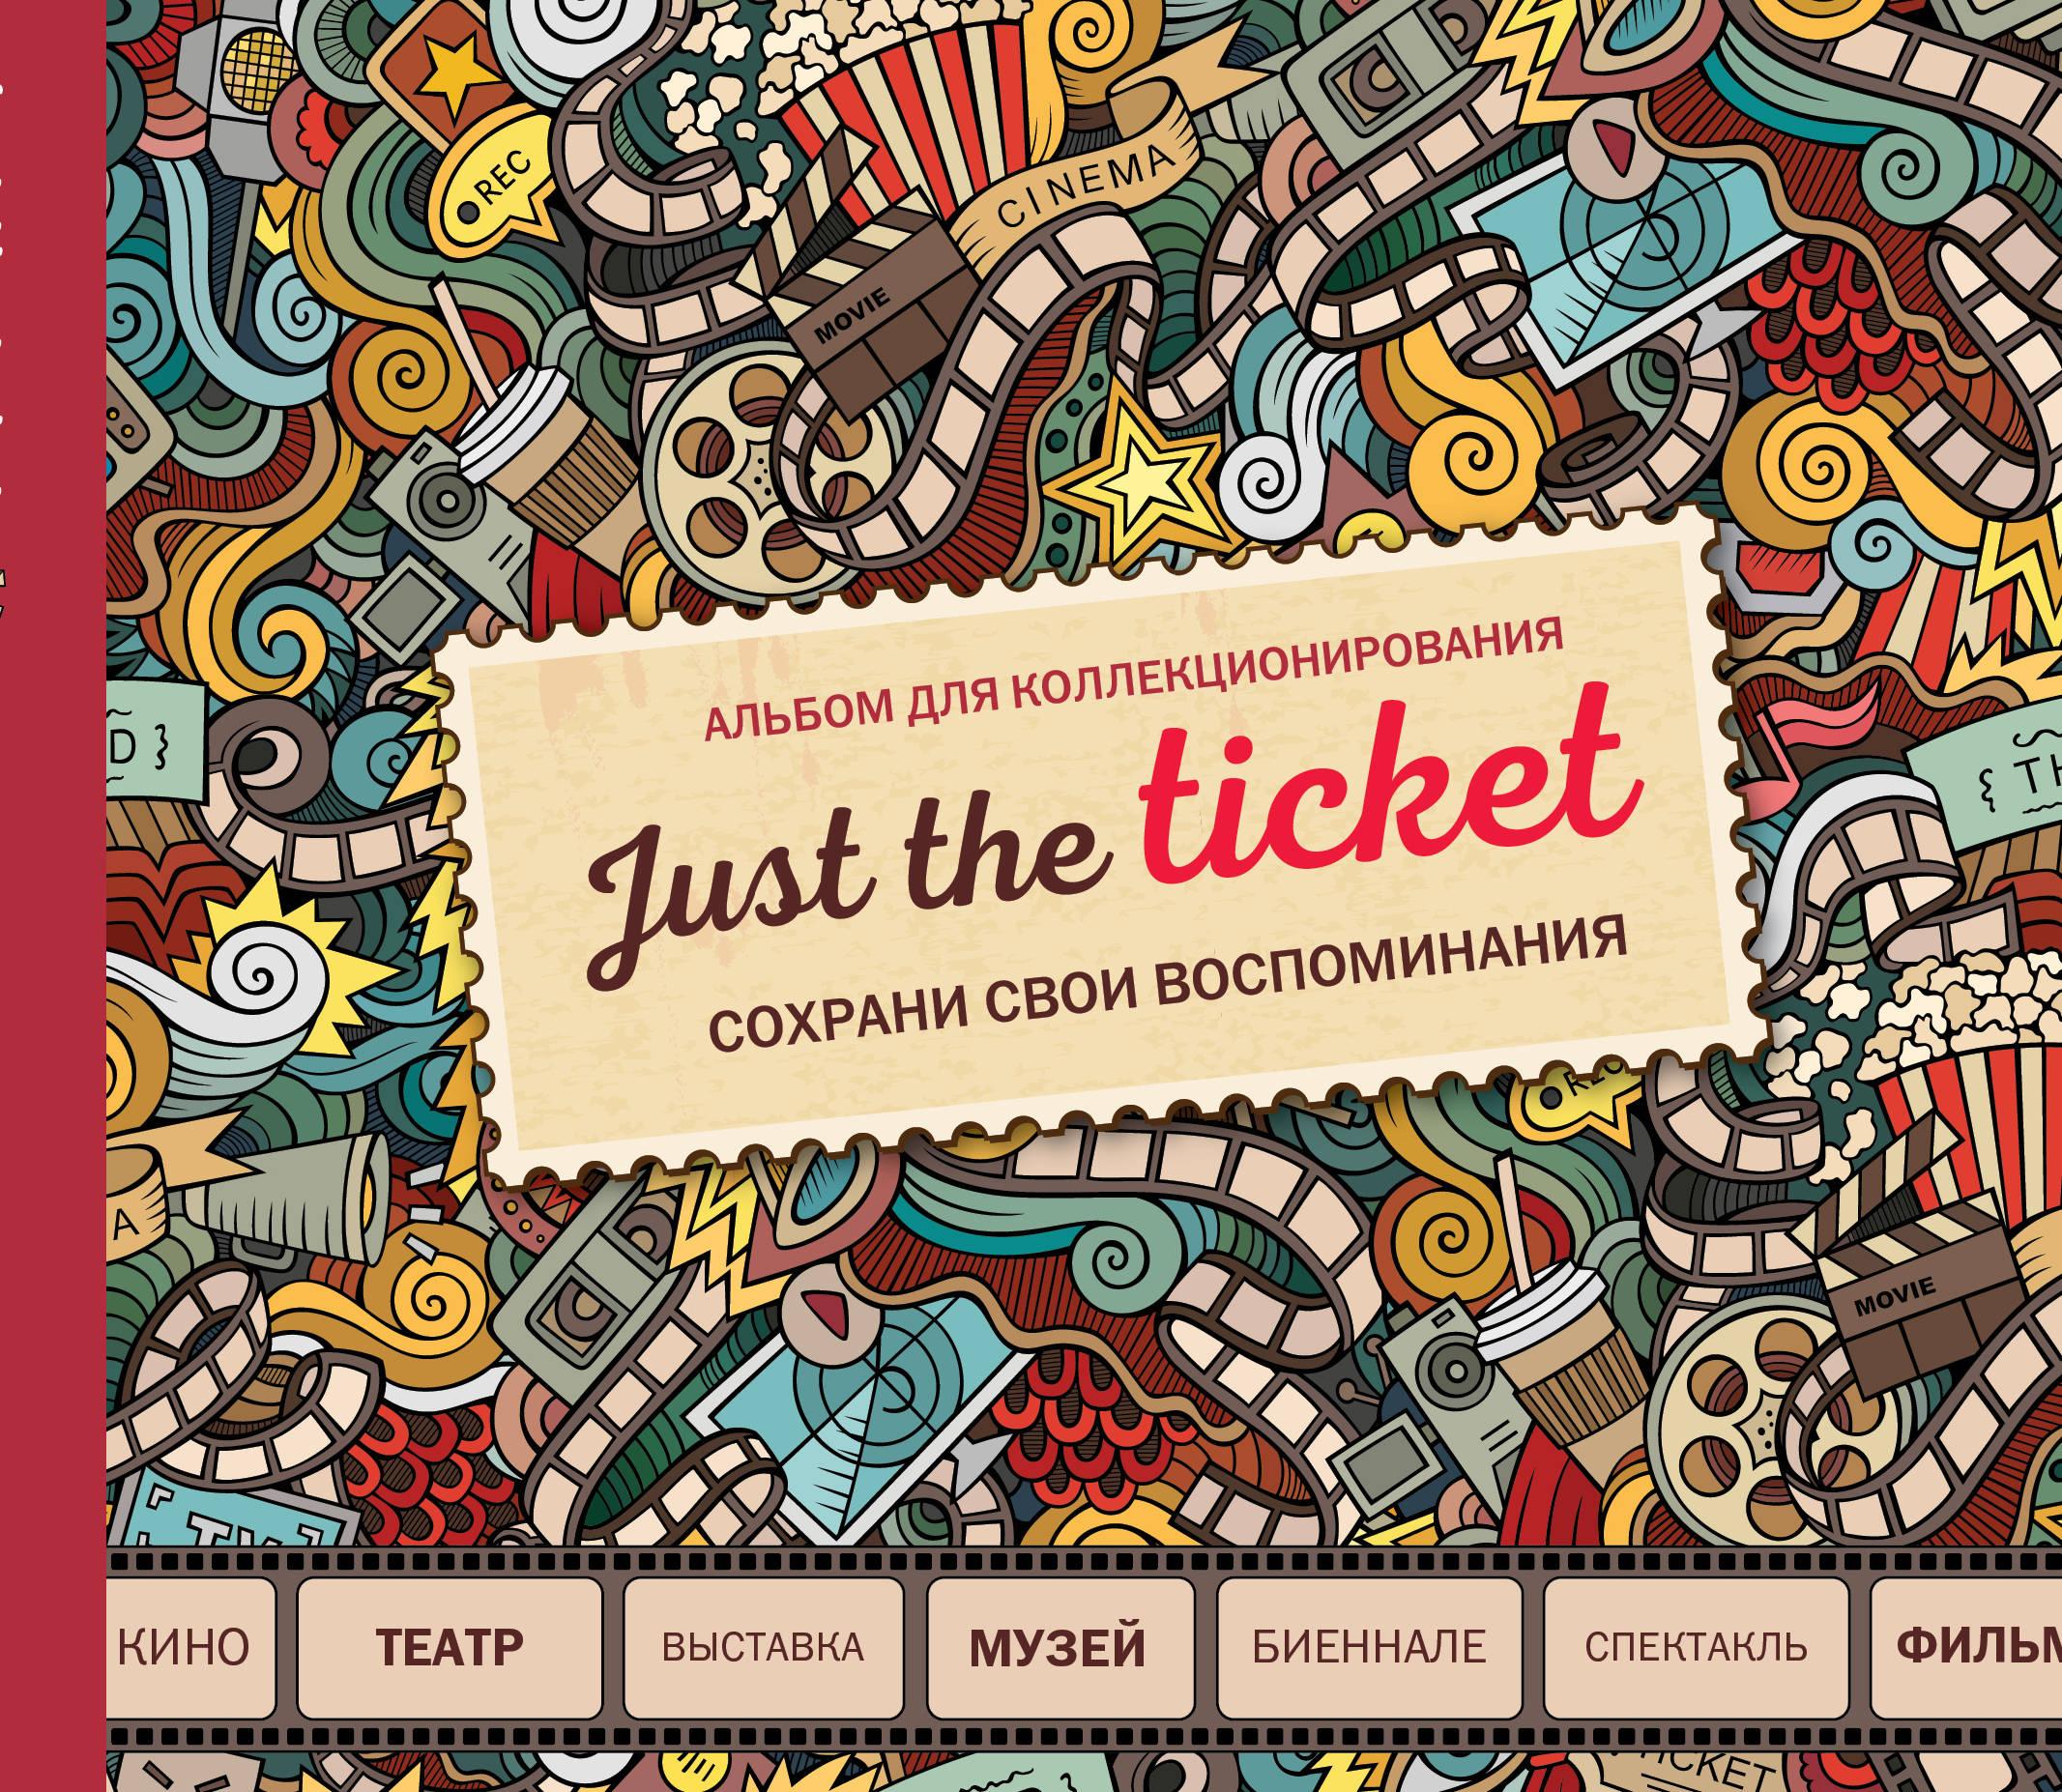 Just the ticket. Albom dlja kollektsionirovanija (meroprijatija)